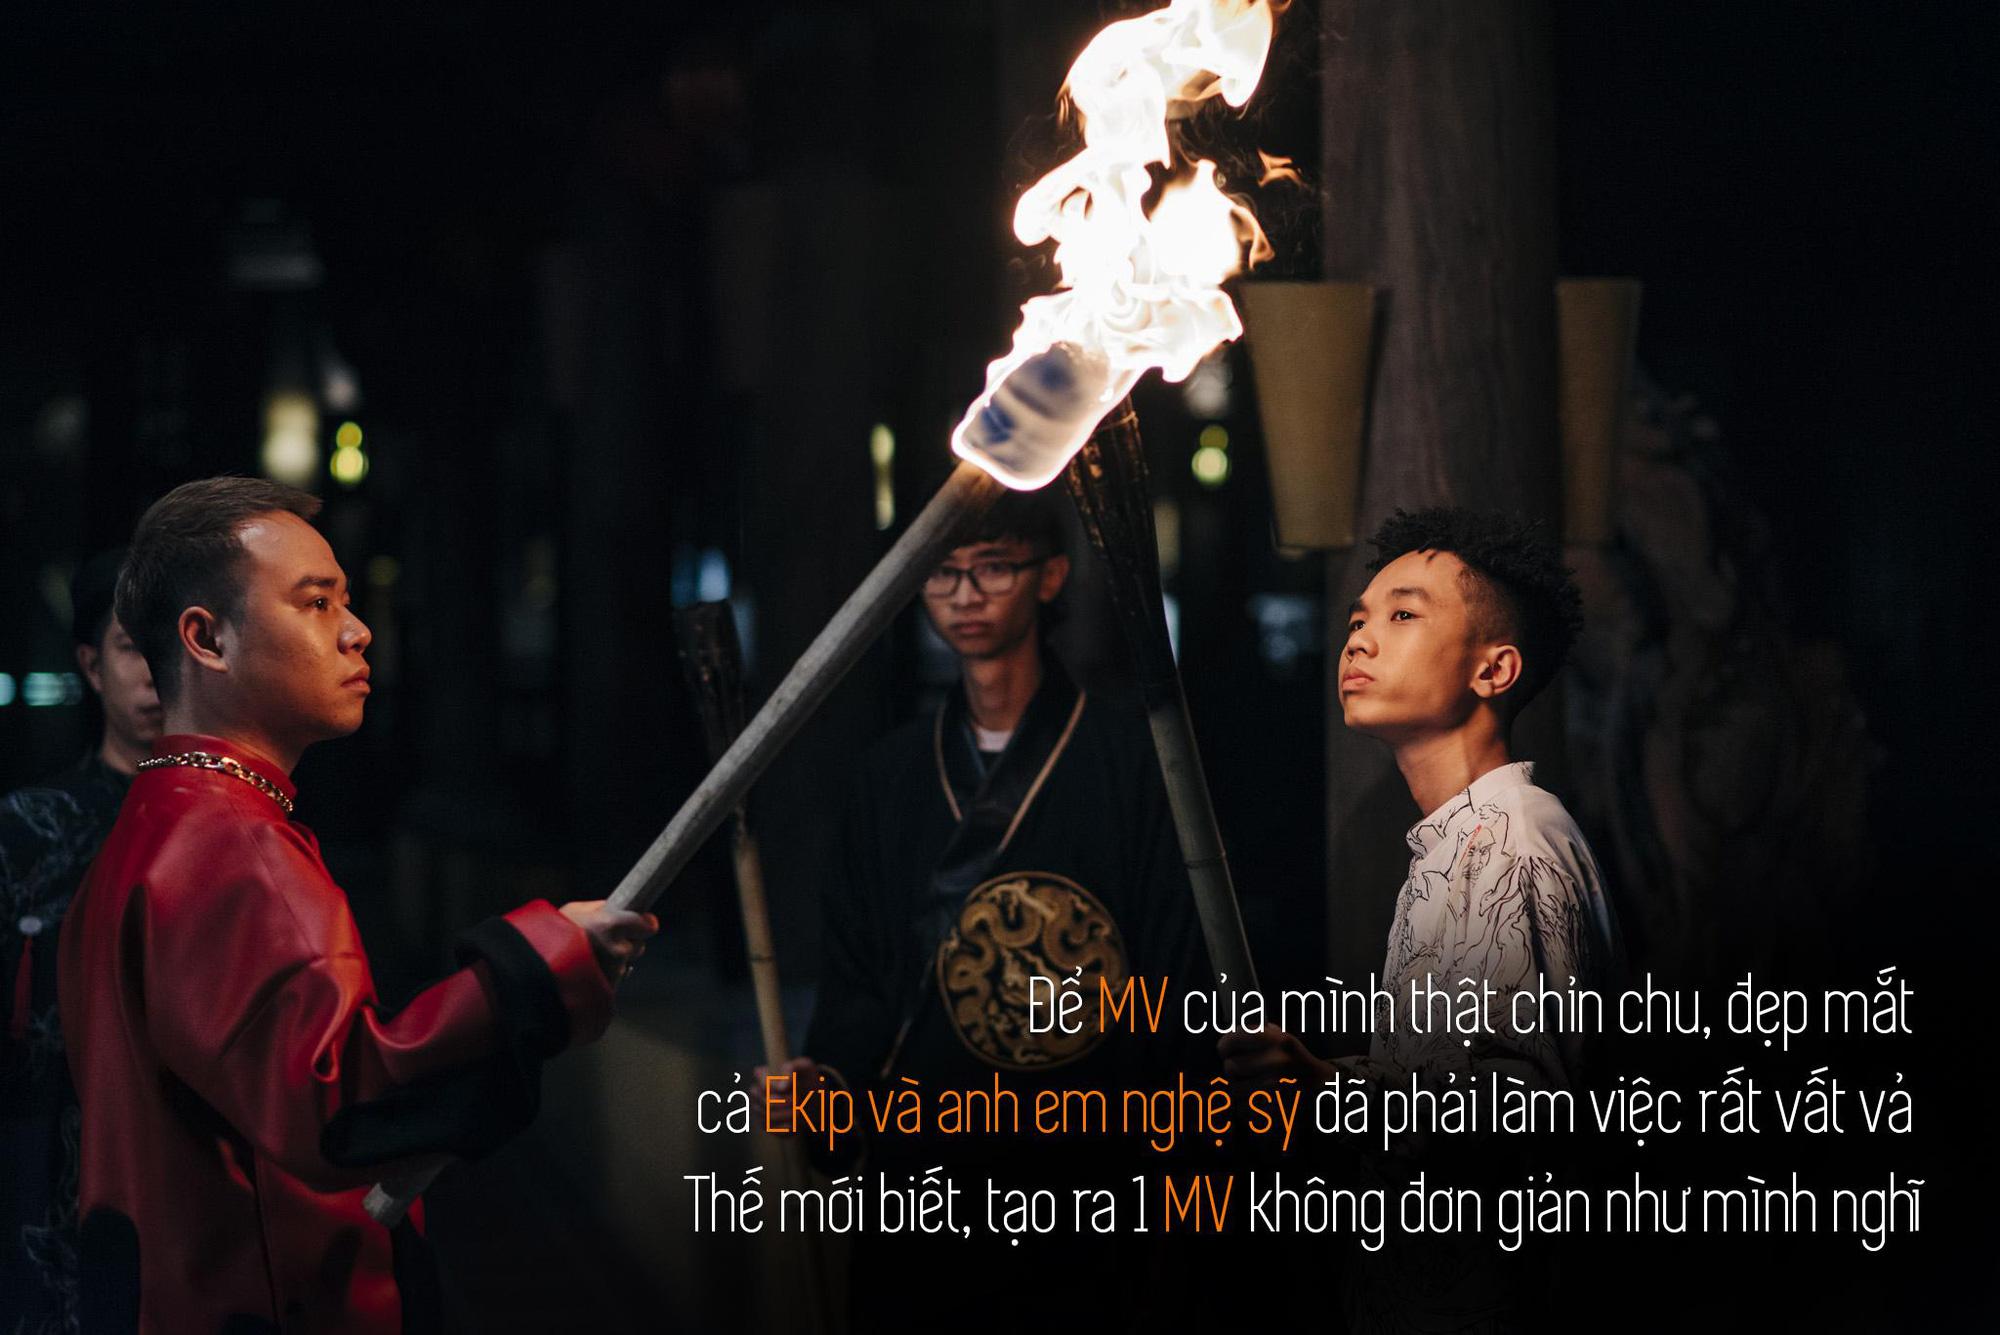 Quân R.E.V trải lòng sau MV Chí Nam Nhi: Tôi tự đẩy mình vào thử thách, làm rap nhưng phải đậm chất Việt Nam - Ảnh 3.